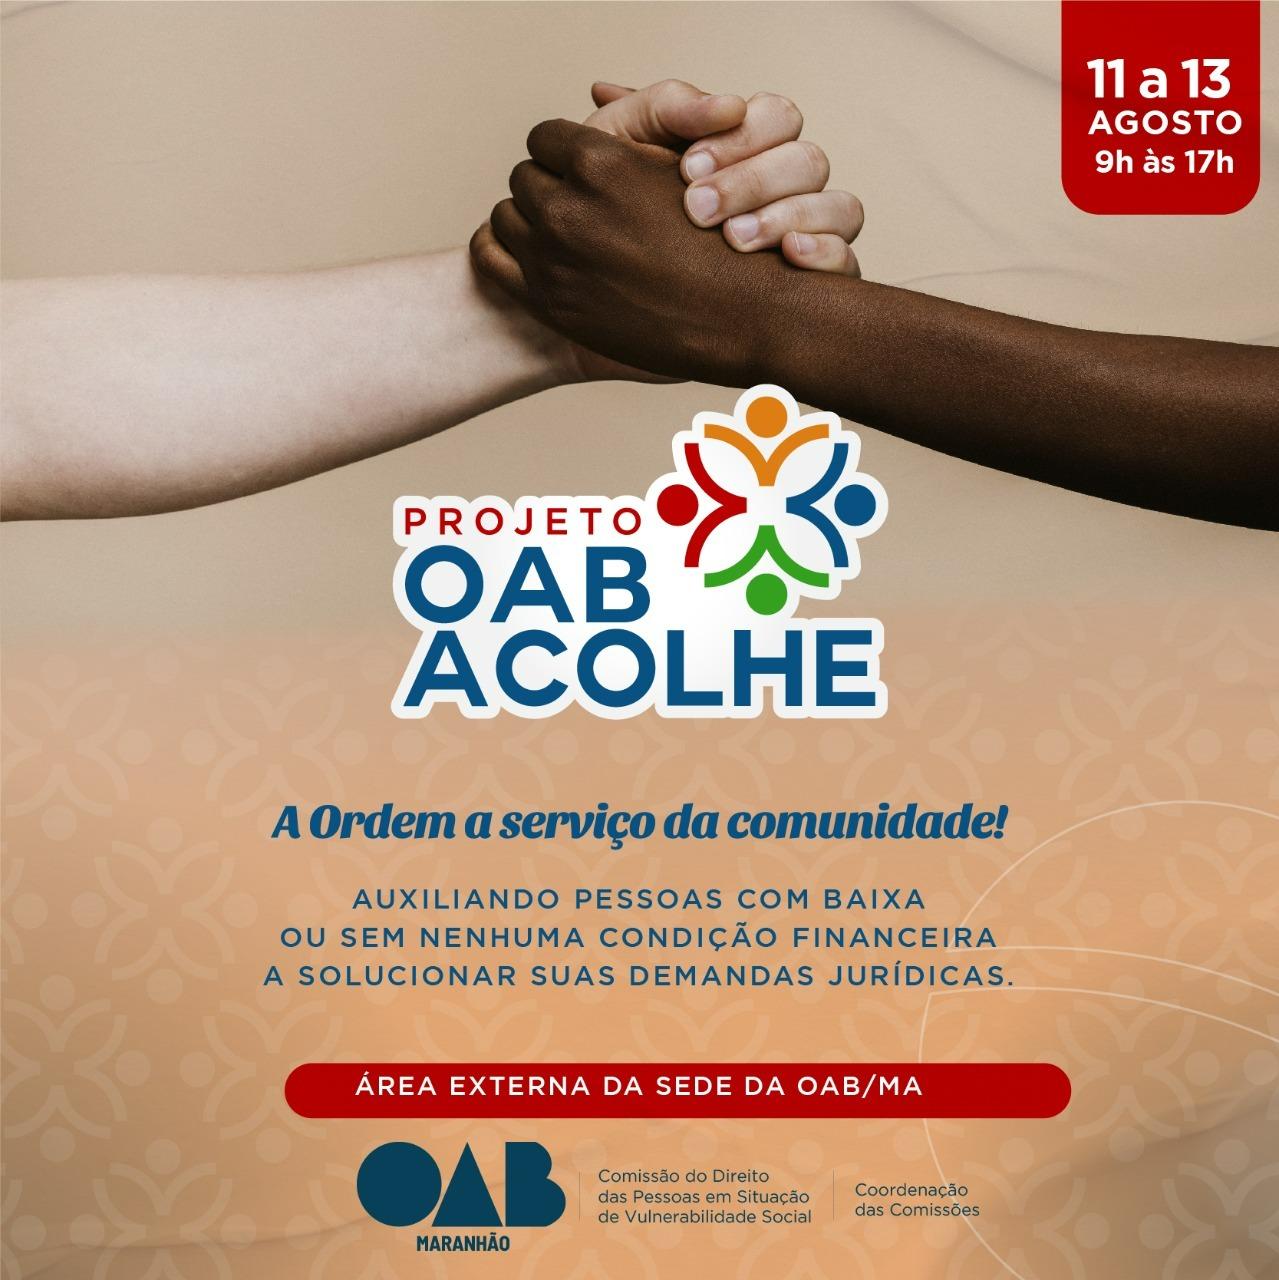 MÊS DA ADVOCACIA! OAB/MA oferece assistência jurídica e outros serviços à população de São Luís.